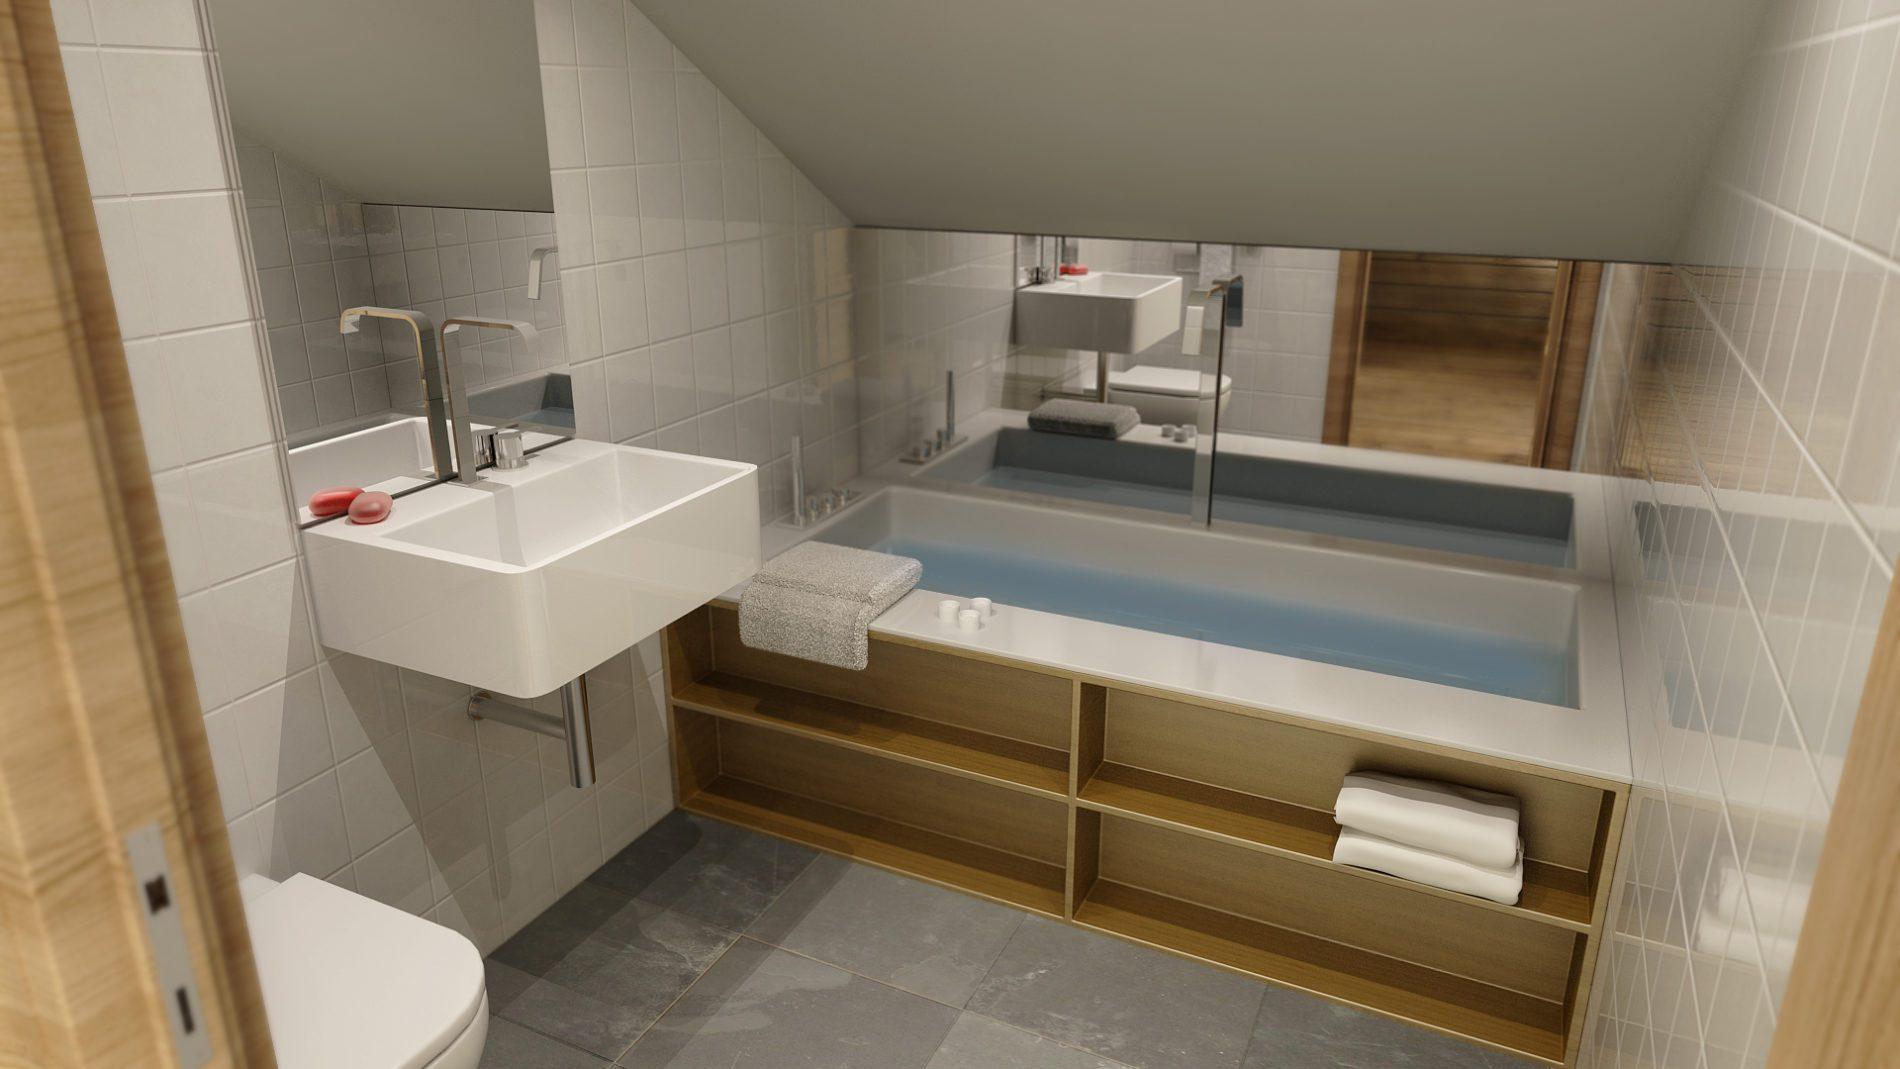 wizualizacja łazienki w domu letniskowym